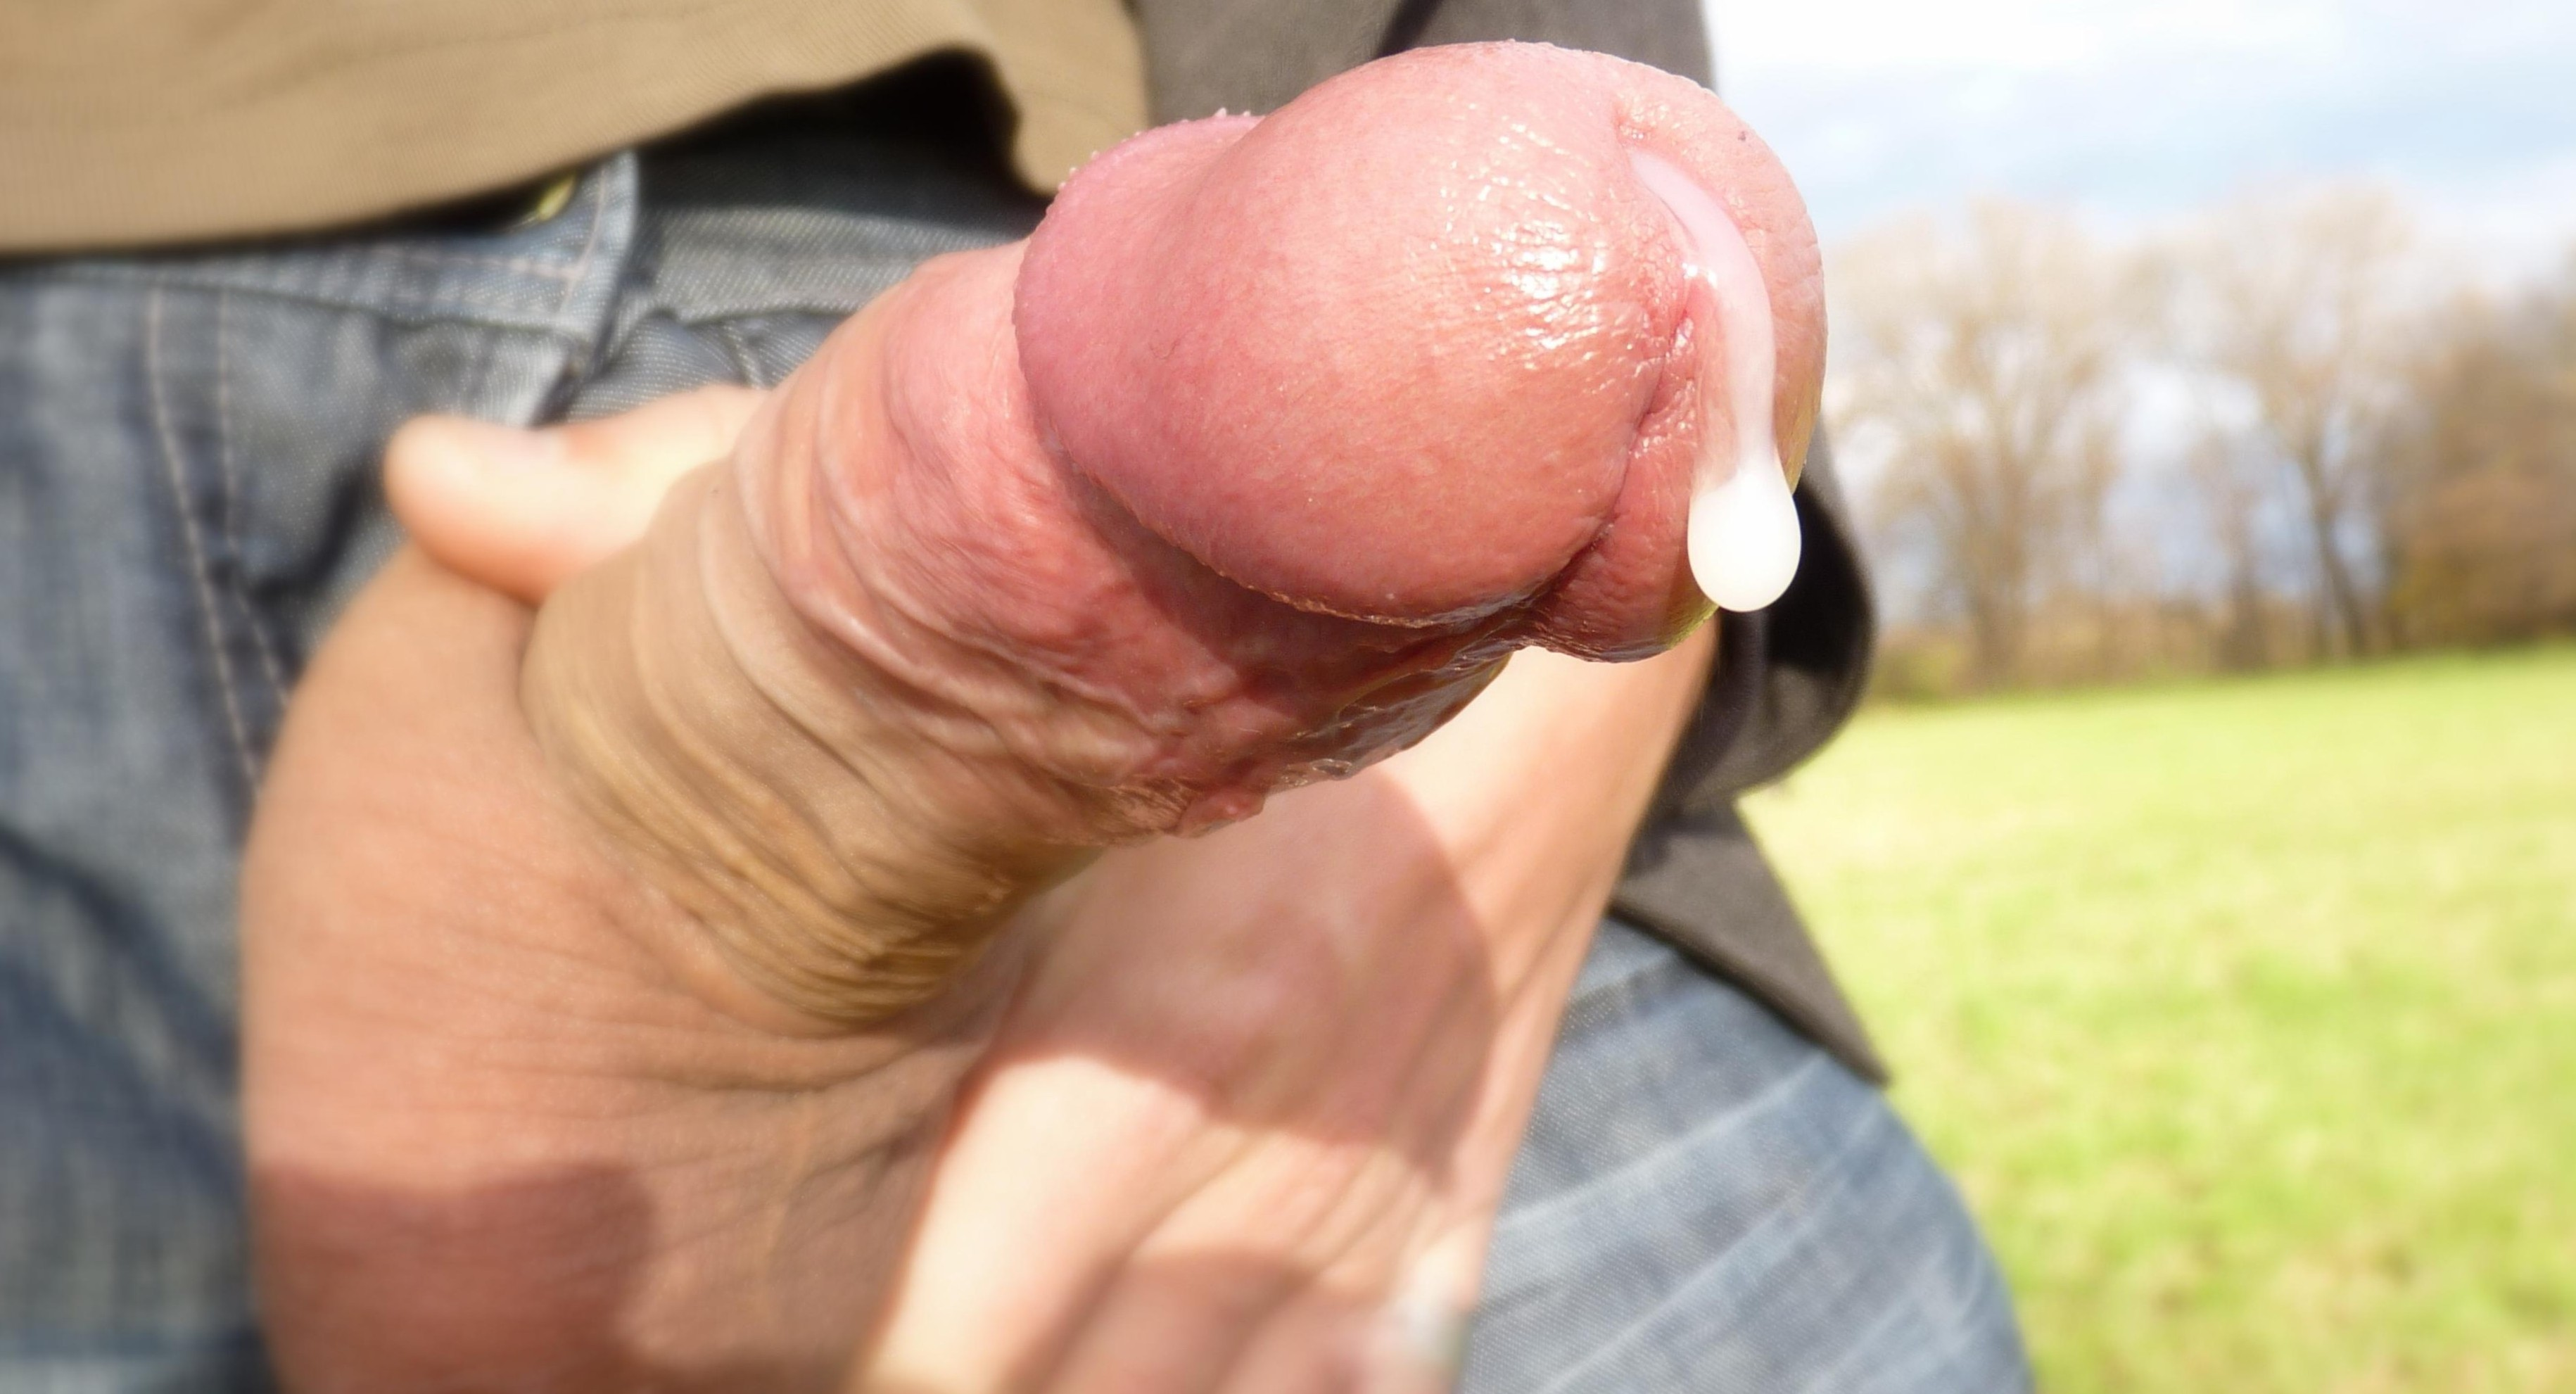 dripping cum